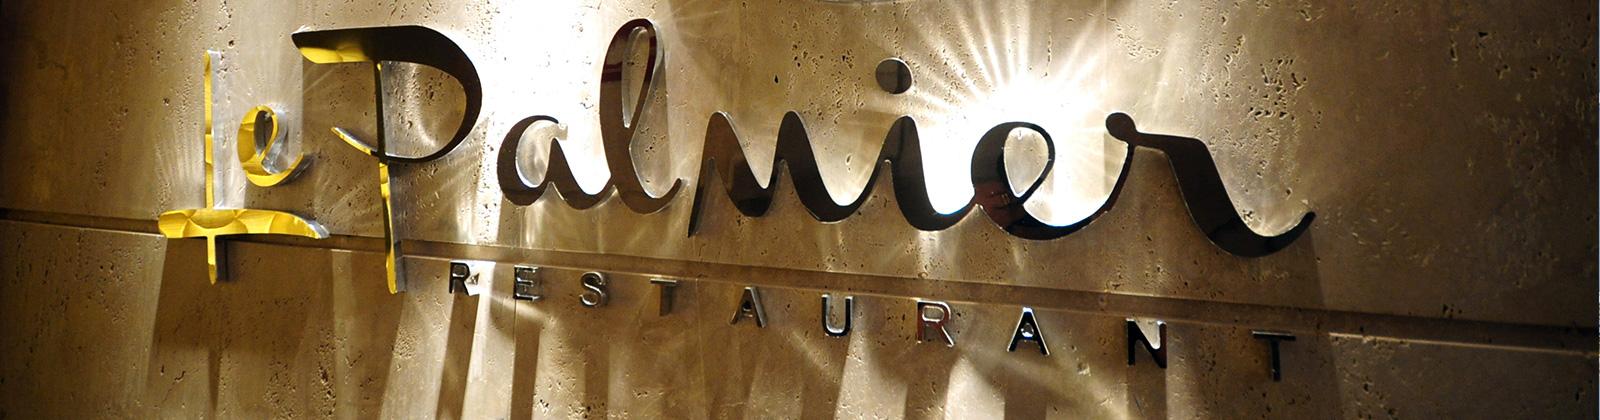 Le Palmier restaurant - Vila Ema